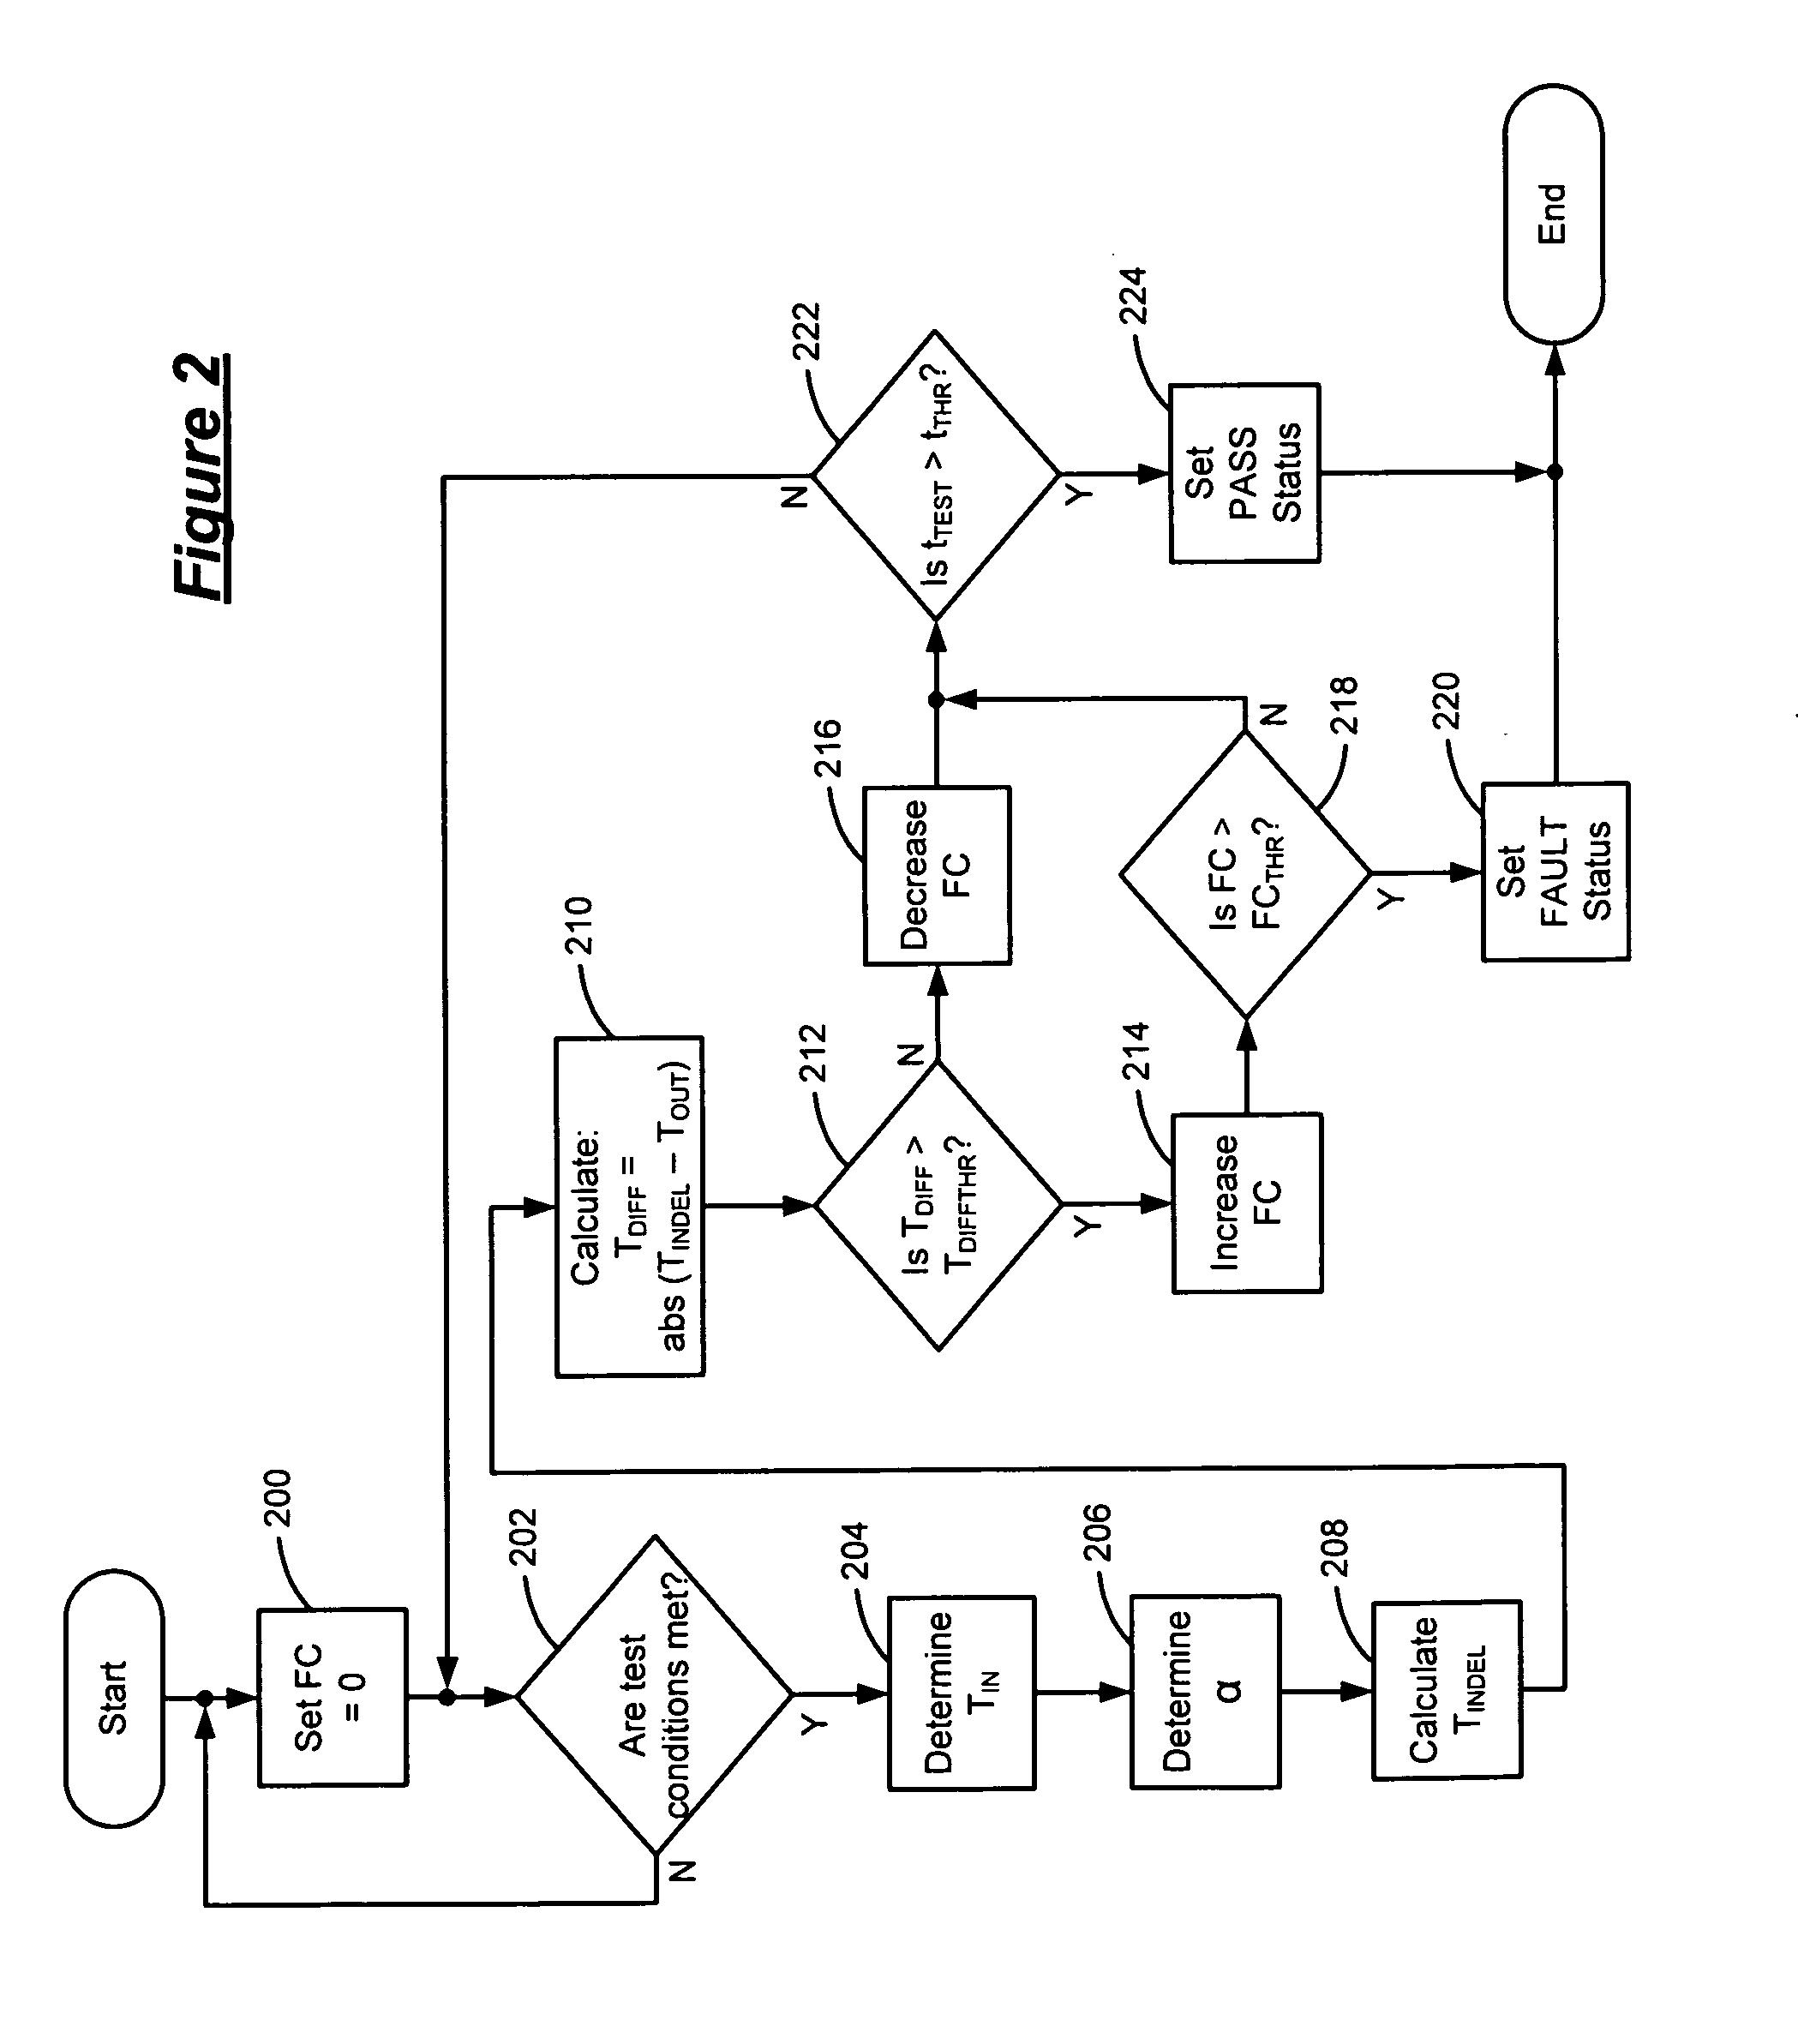 Cummins Isx Exhaust Temperature Sensor | Wiring Diagram Database